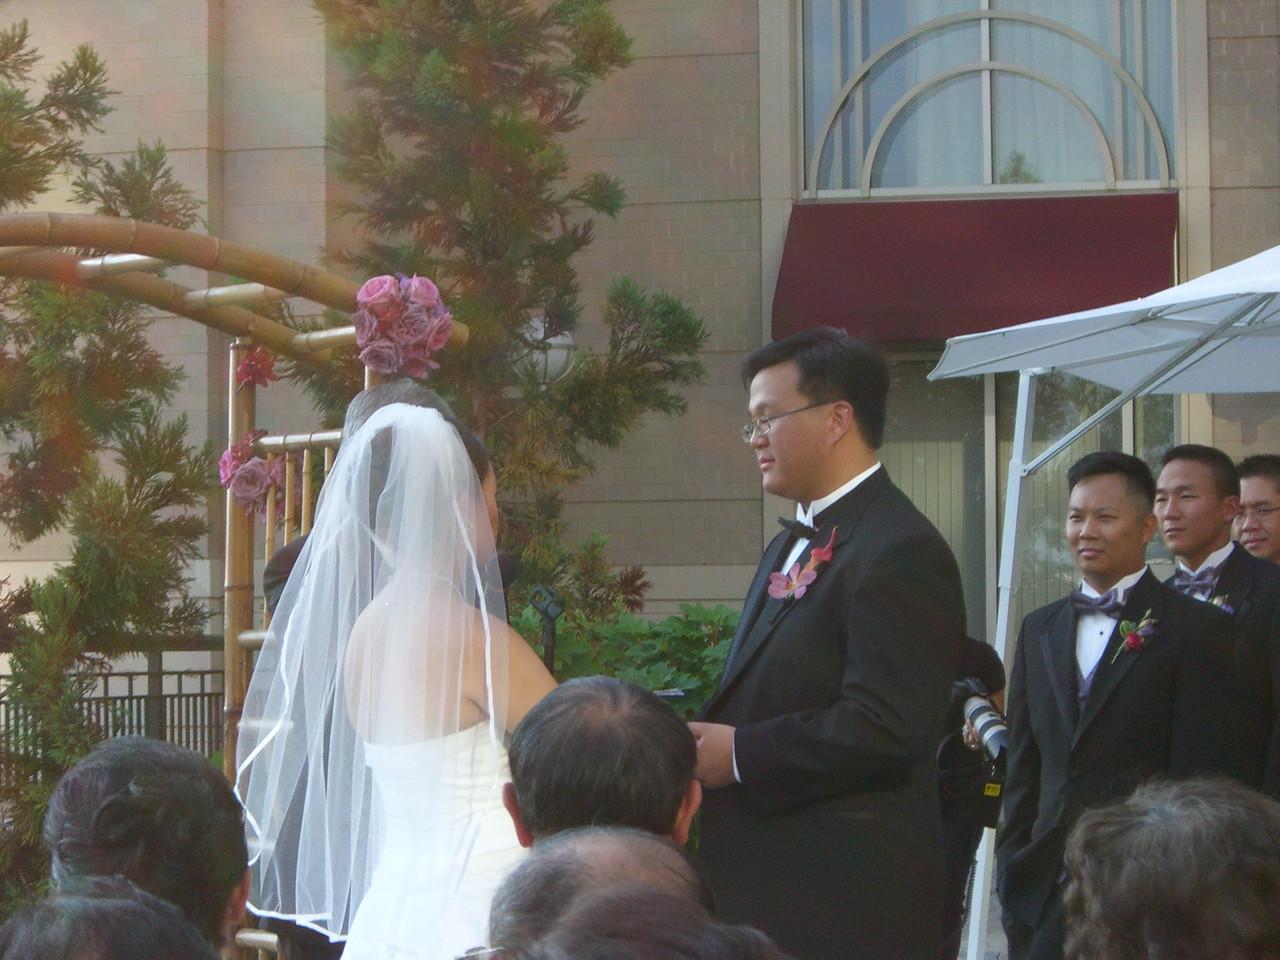 Ceremony - Exhange of vows